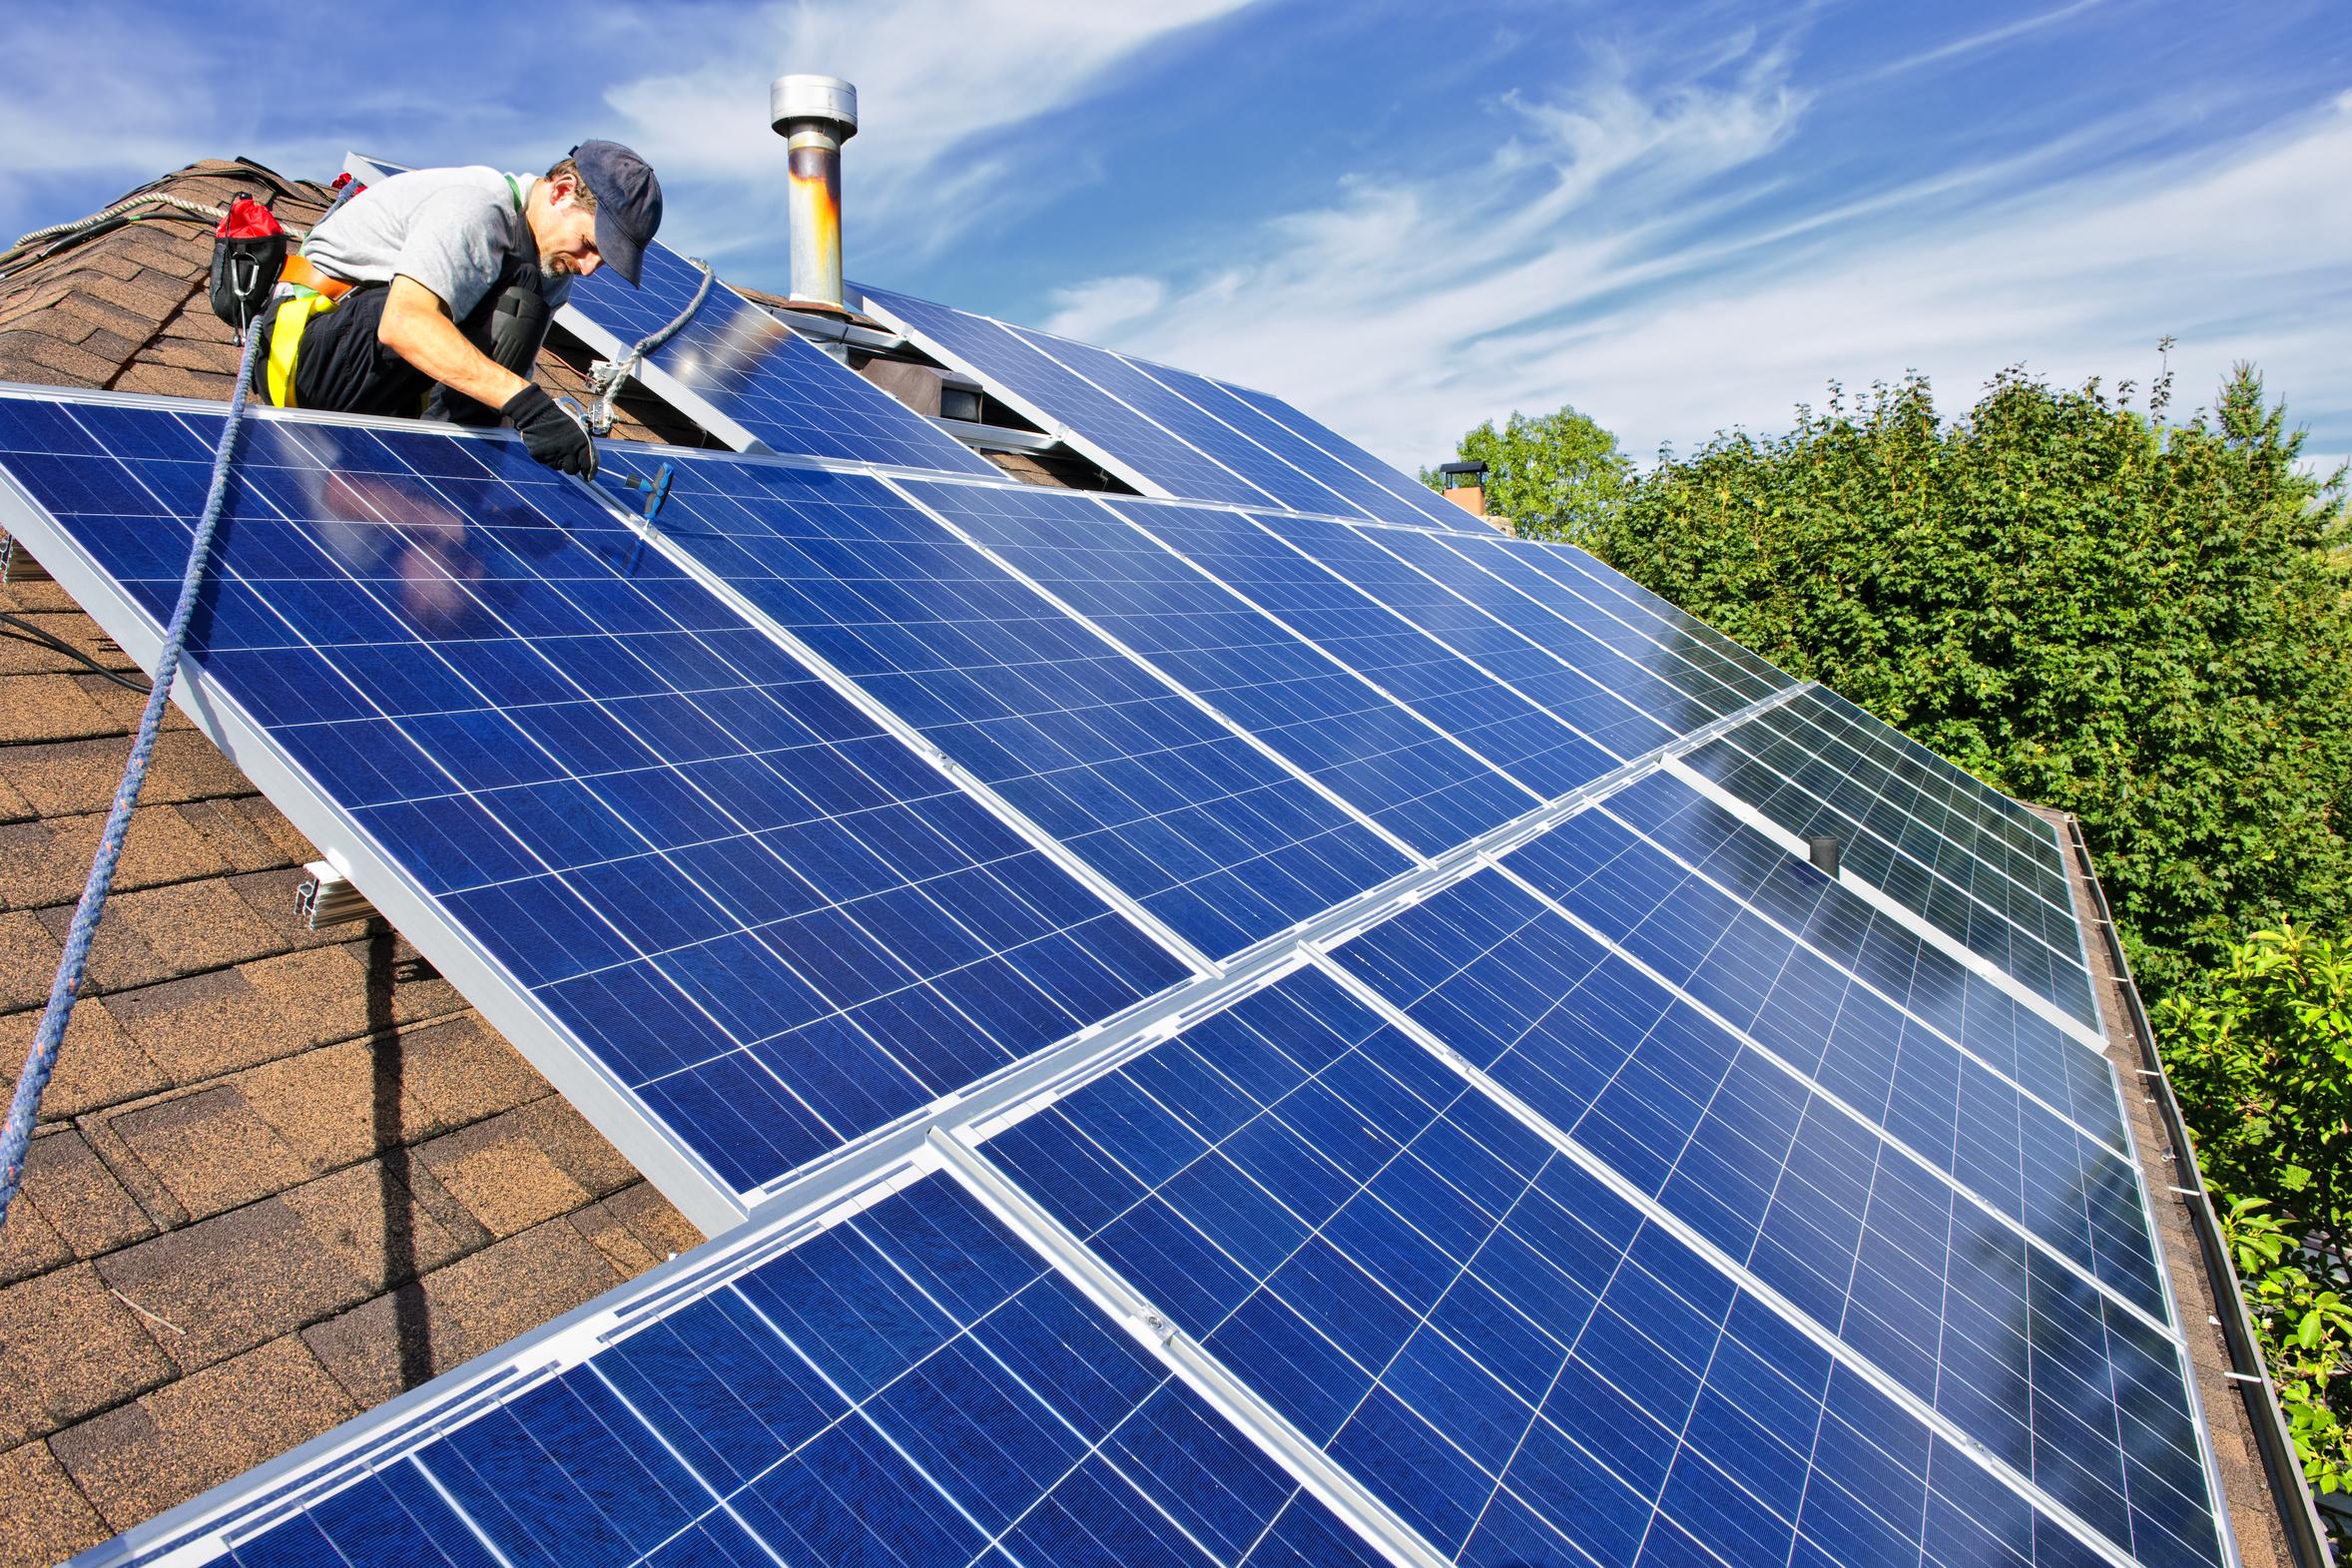 至今尚未獲得美國政府的批准,深圳能源集團有限公司周三(8月8日)表示,放棄收購美國三個太陽能發電站的計劃。圖為太陽能資料圖。(Fotolia)